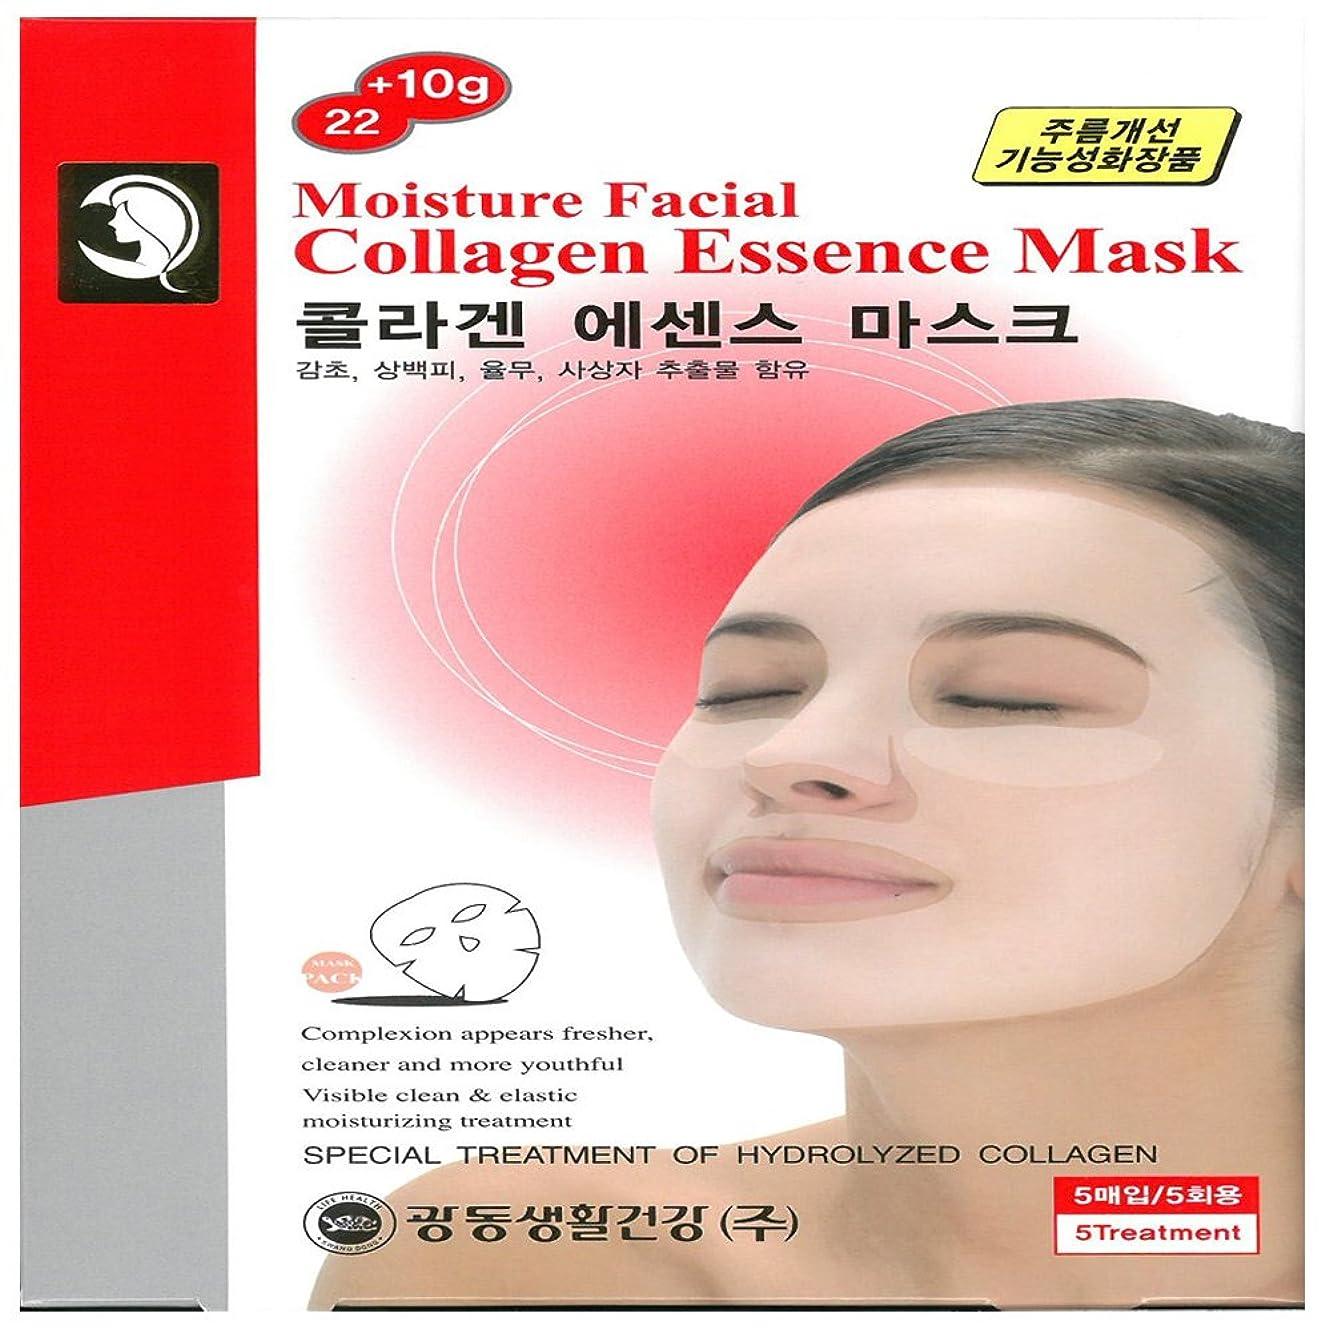 ハプニング相対的ちっちゃい[光東] kwangdong モイスチャーフェイシャルコラーゲンエッセンスマスク Moisture Facial Collagen Essence Mask 32gX5ea (海外直送品) [並行輸入品]